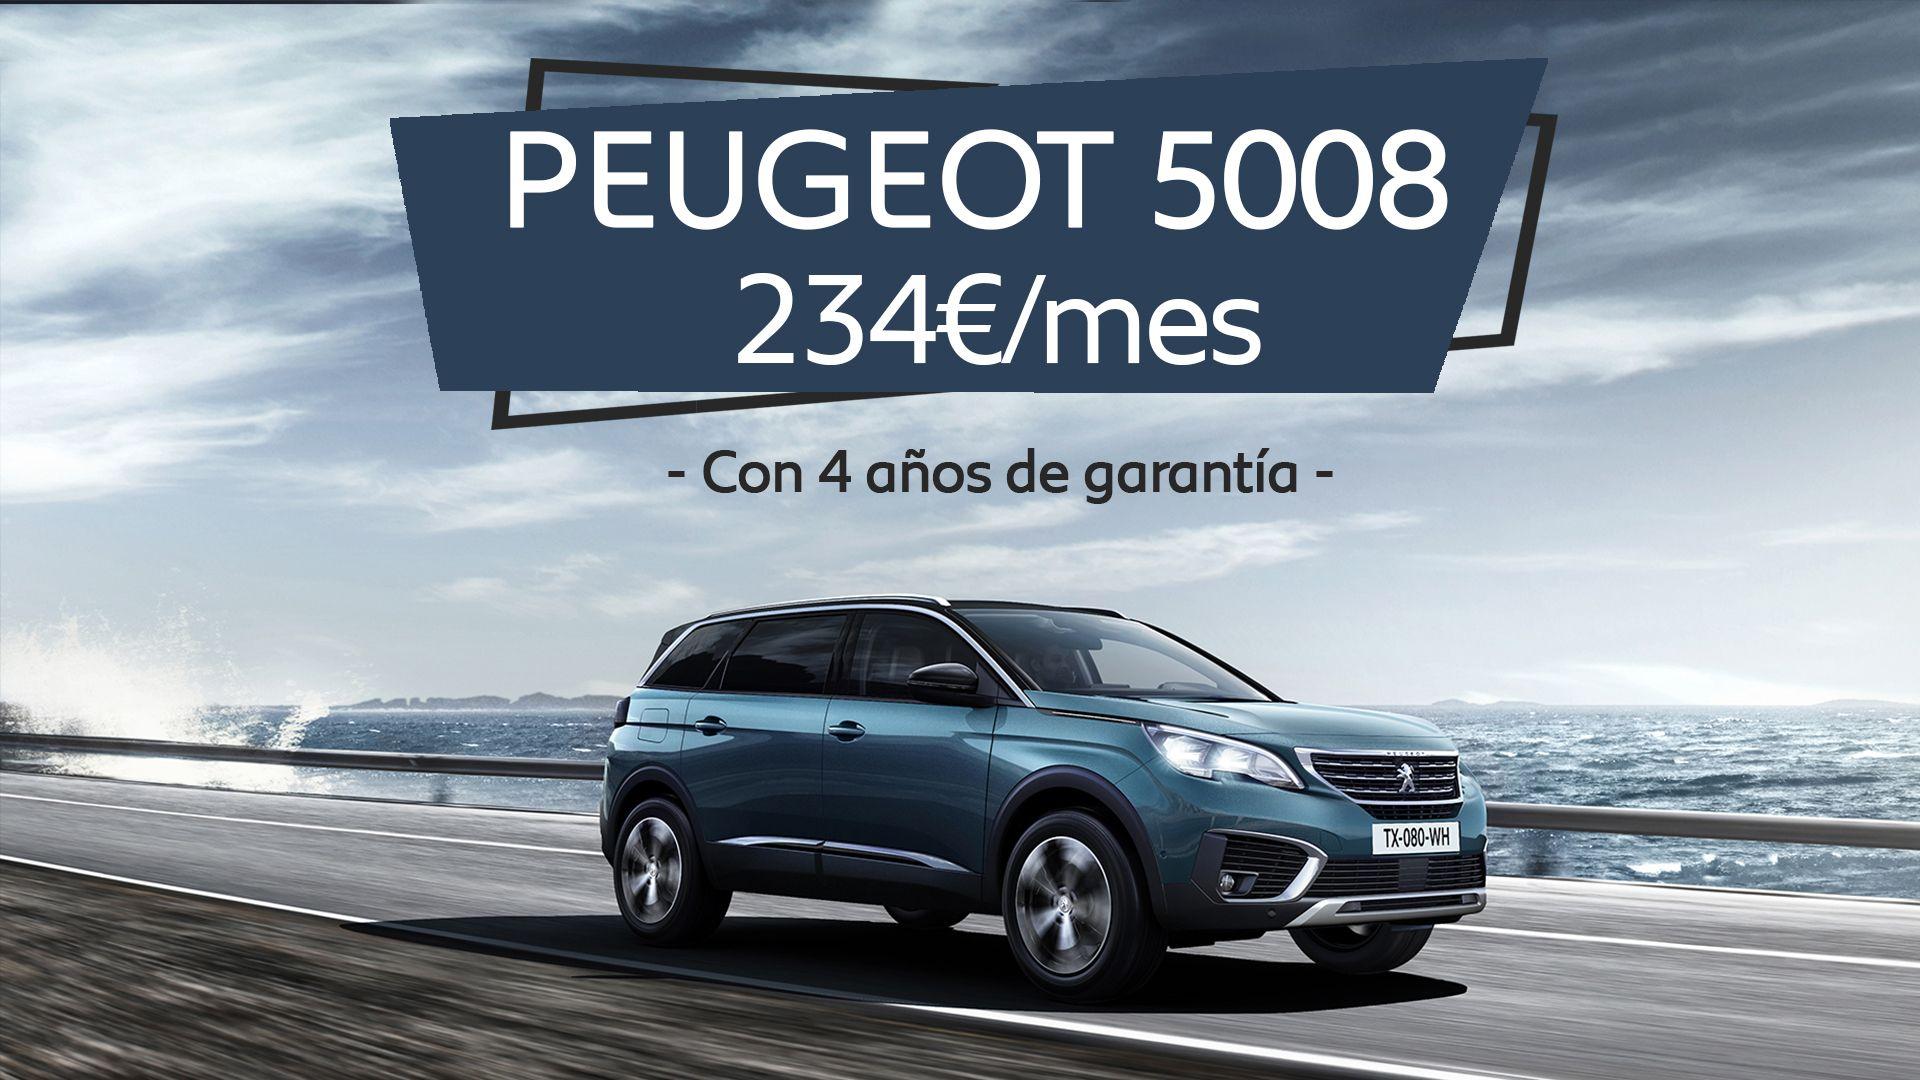 Estrena un Peugeot 5008 por sólo 234€/mes